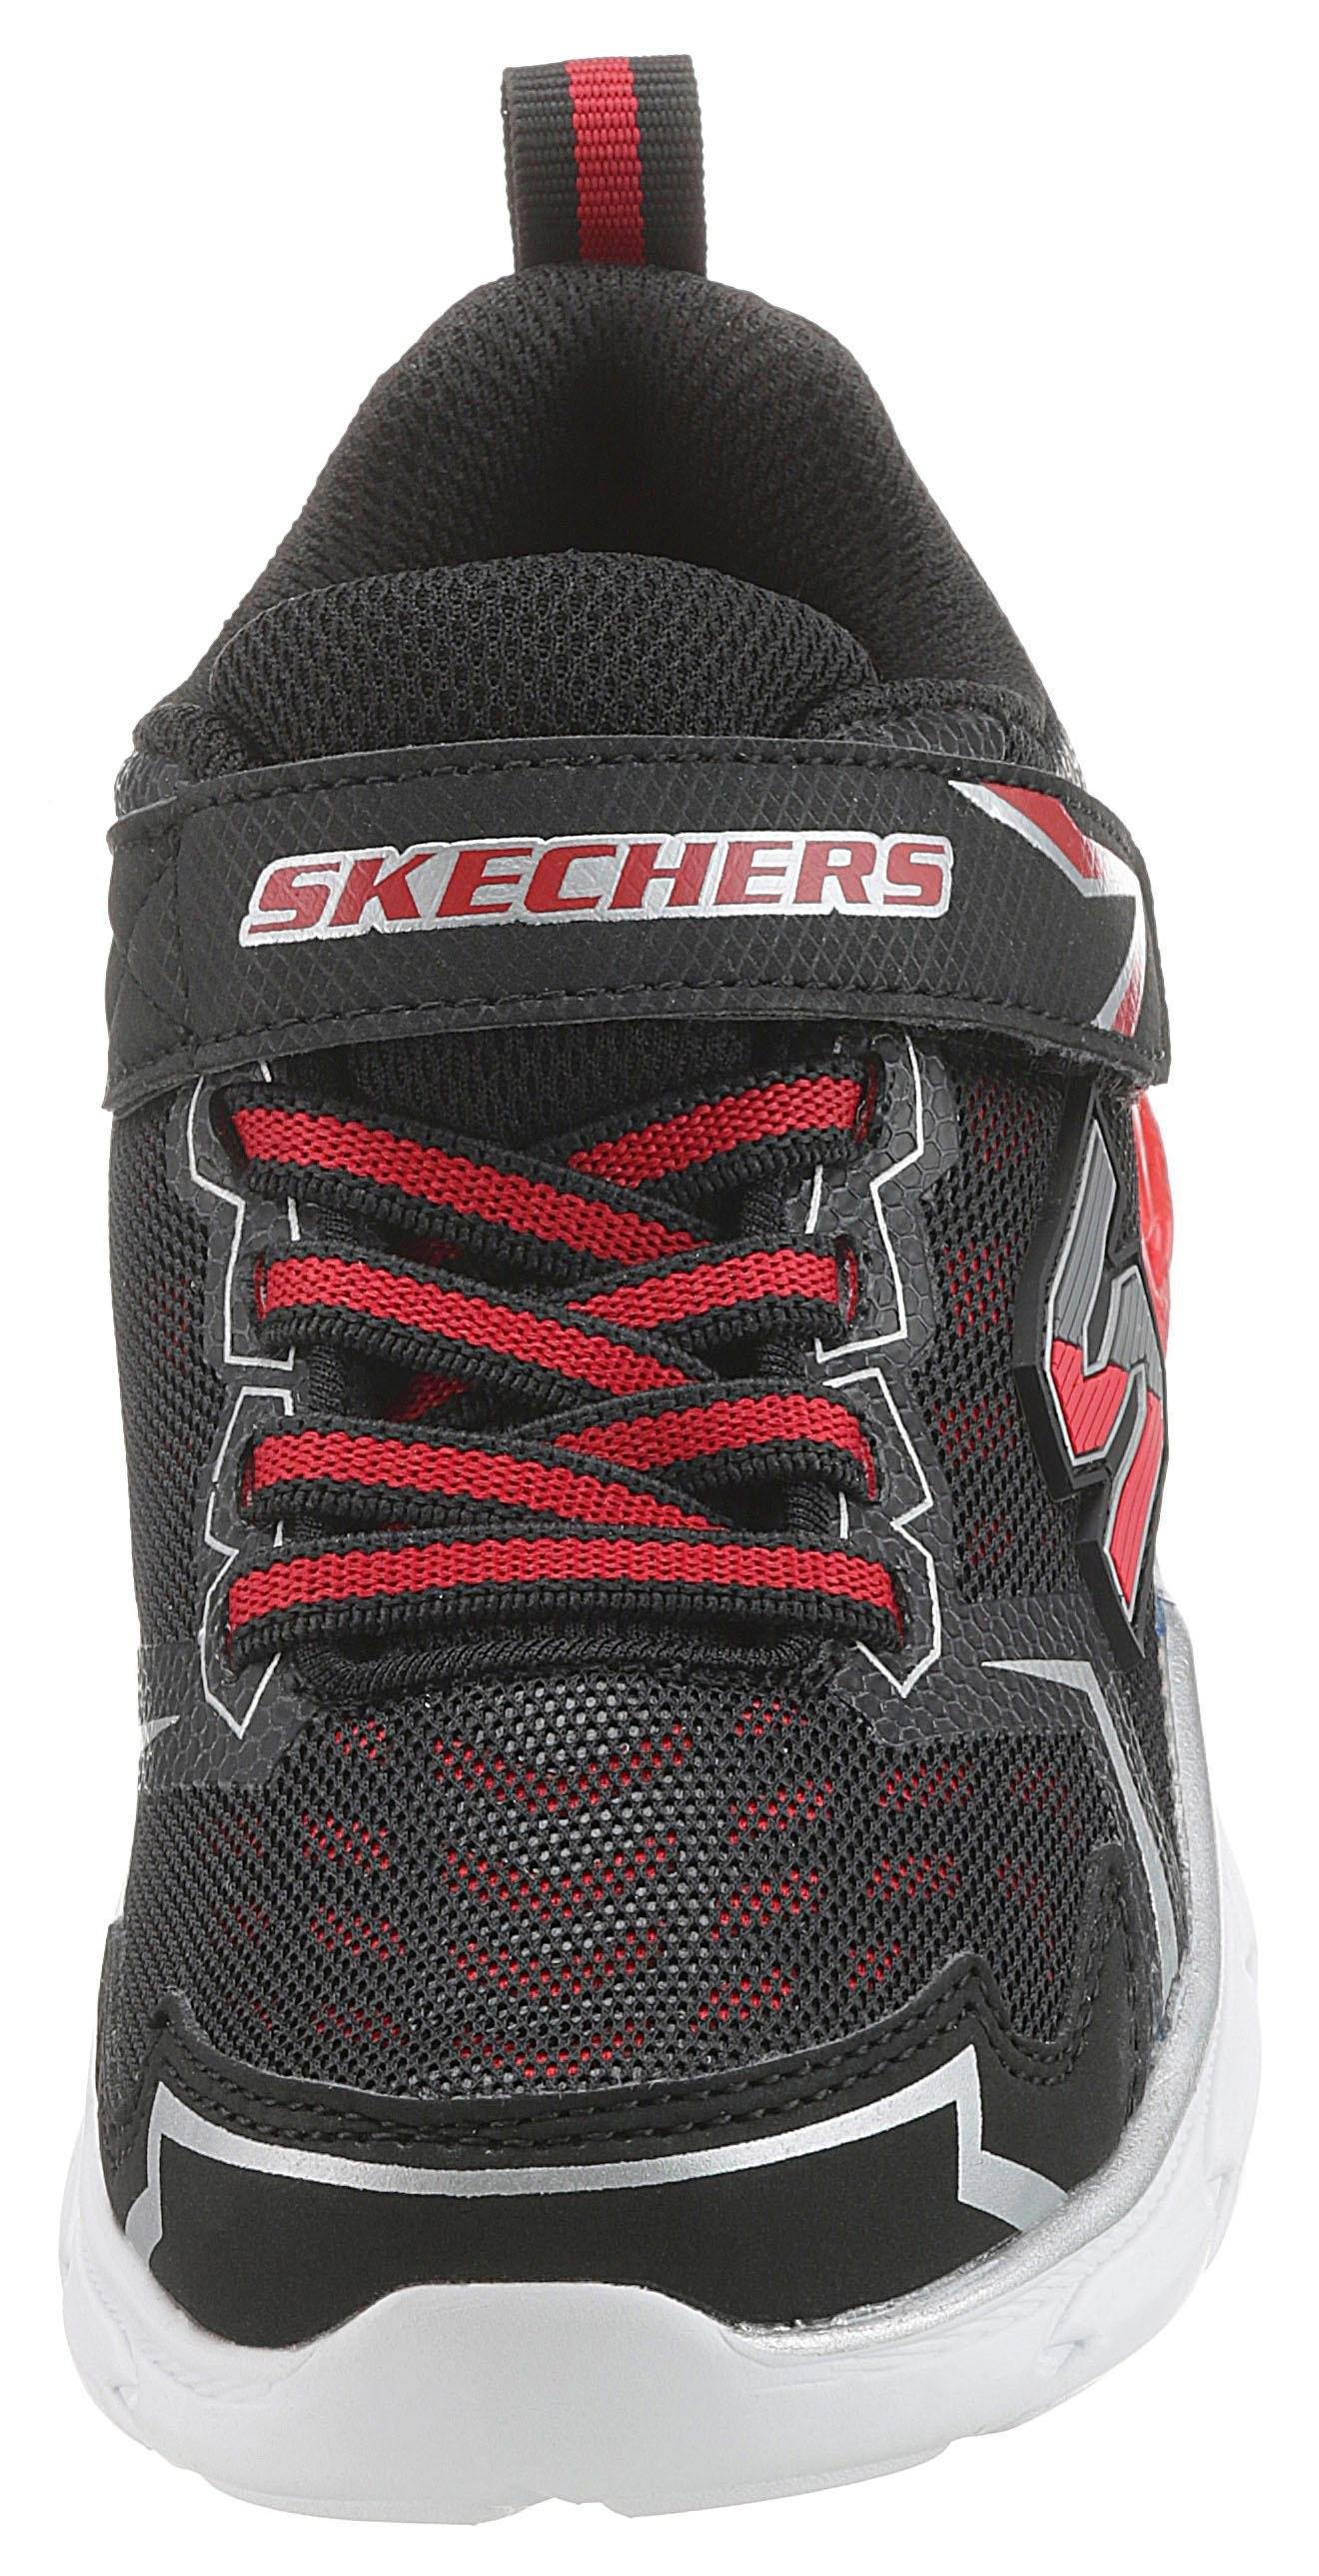 073e1910c97bad Skechers Kids sneakers »Thermoflux Nano Grid« snel online gekocht